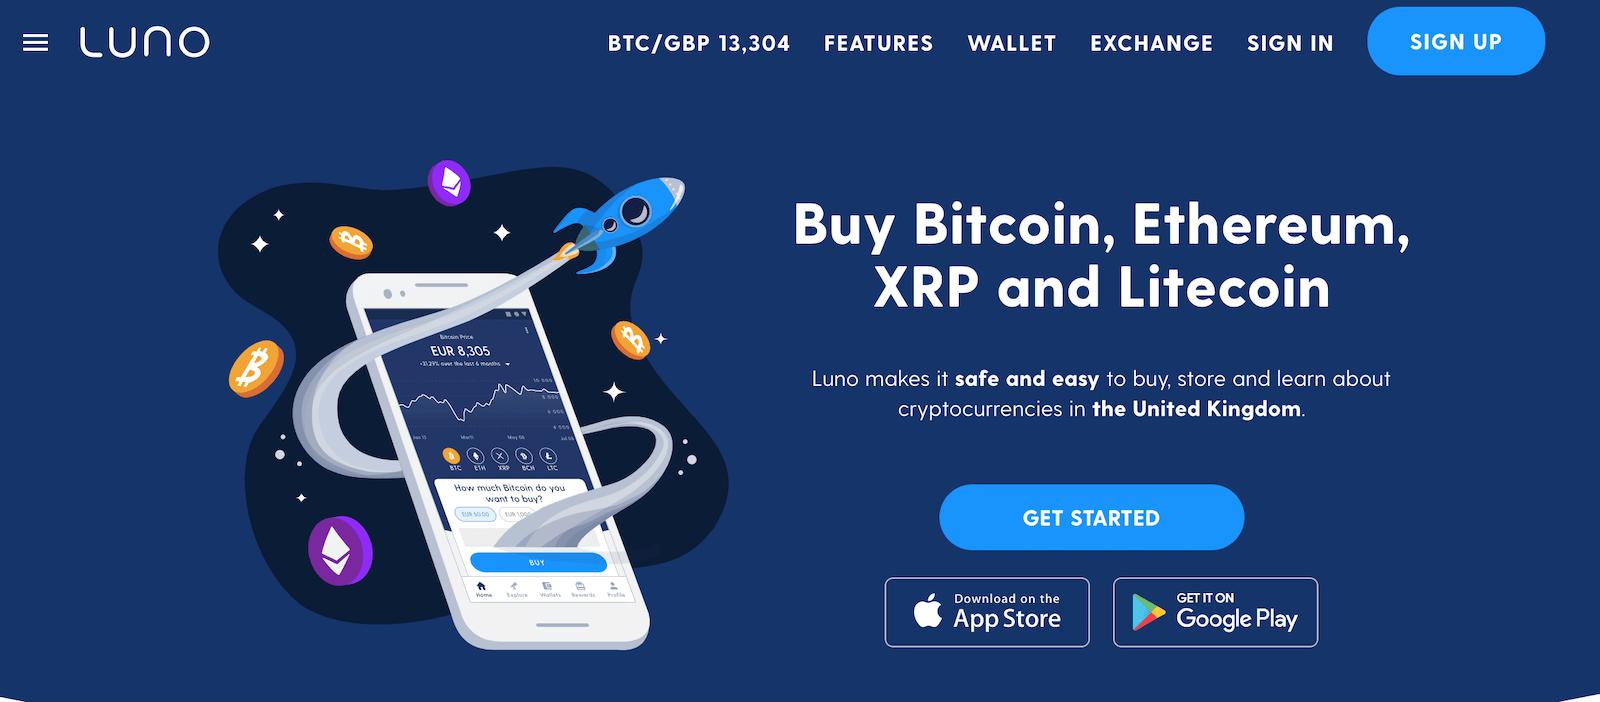 gbp bitcoin exchange bitcoin prekybos platforma bitcoin kodas